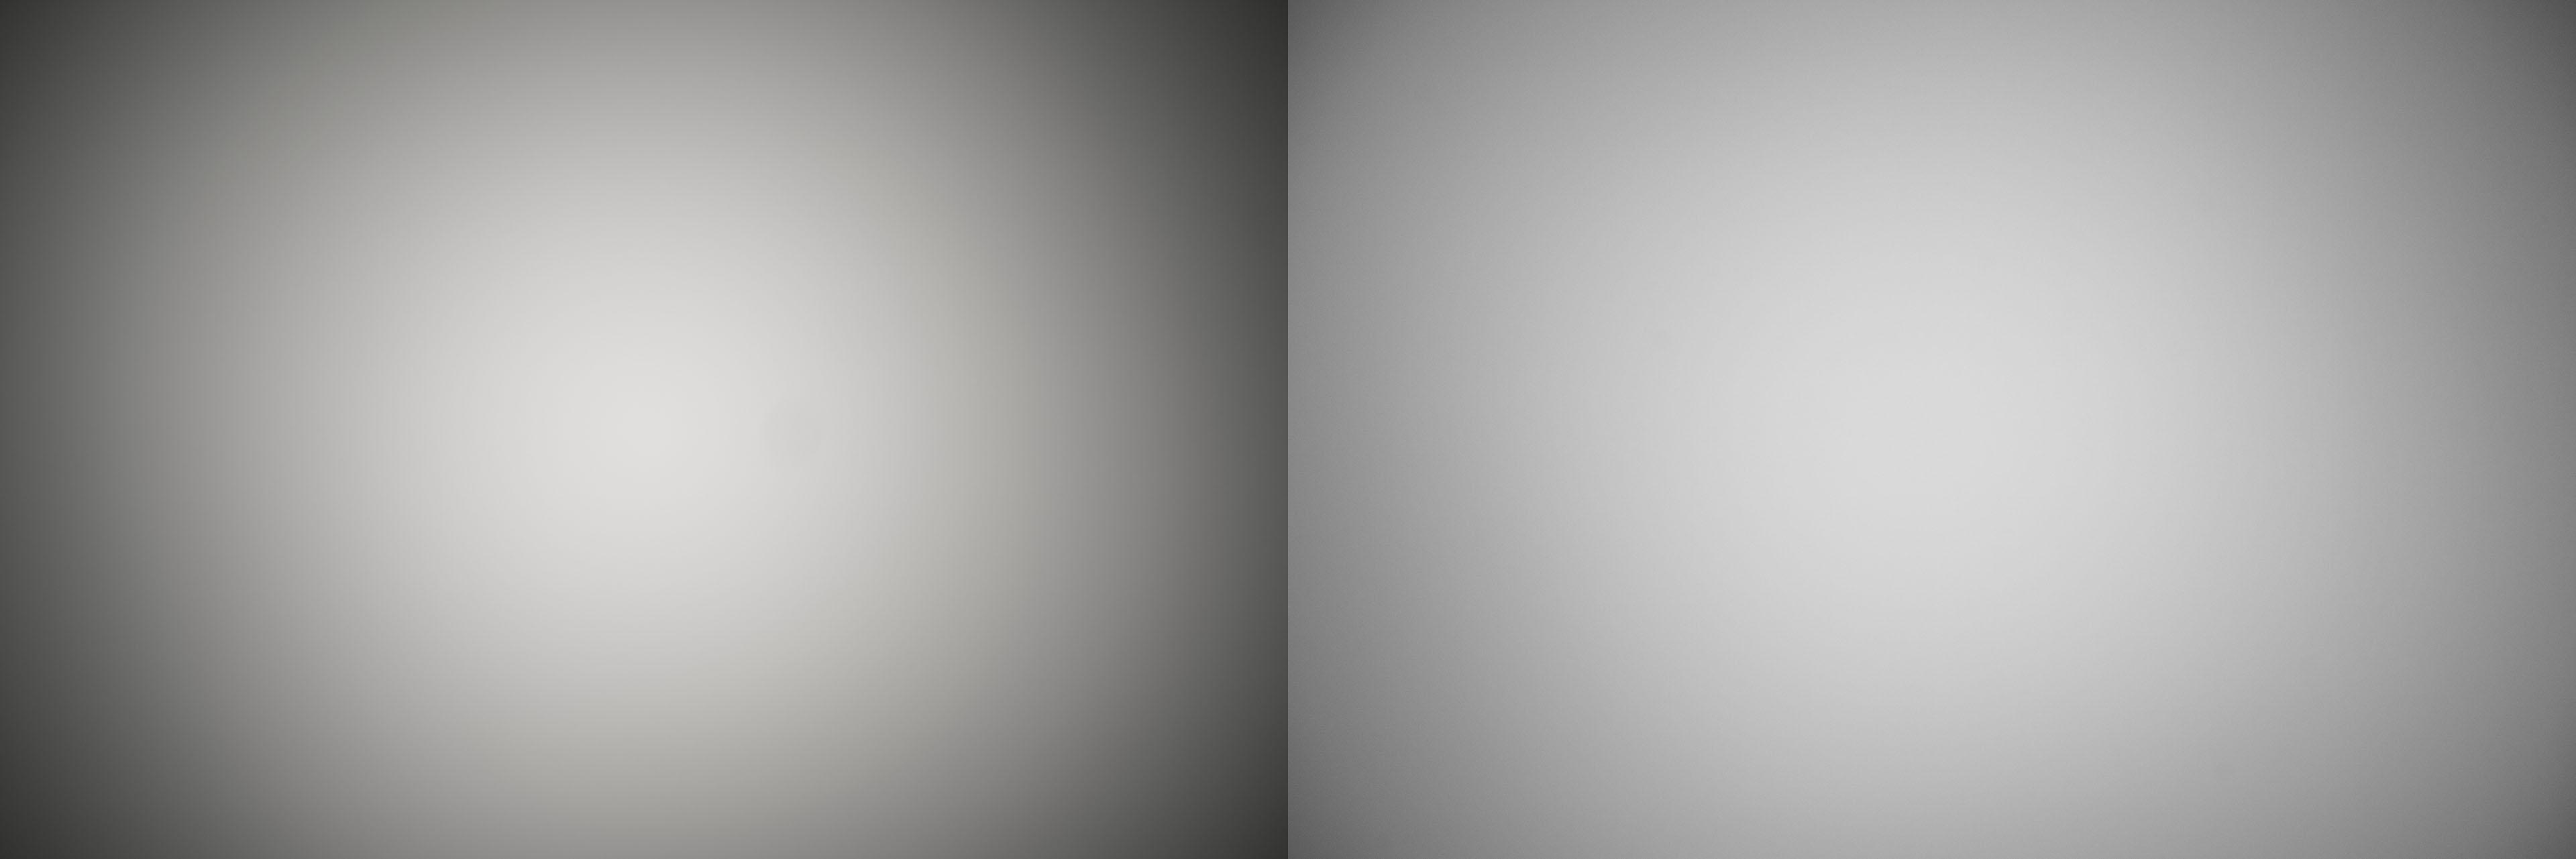 Lichtafval van de Samyang 35mm F1.8 op volle opening en op F5.6